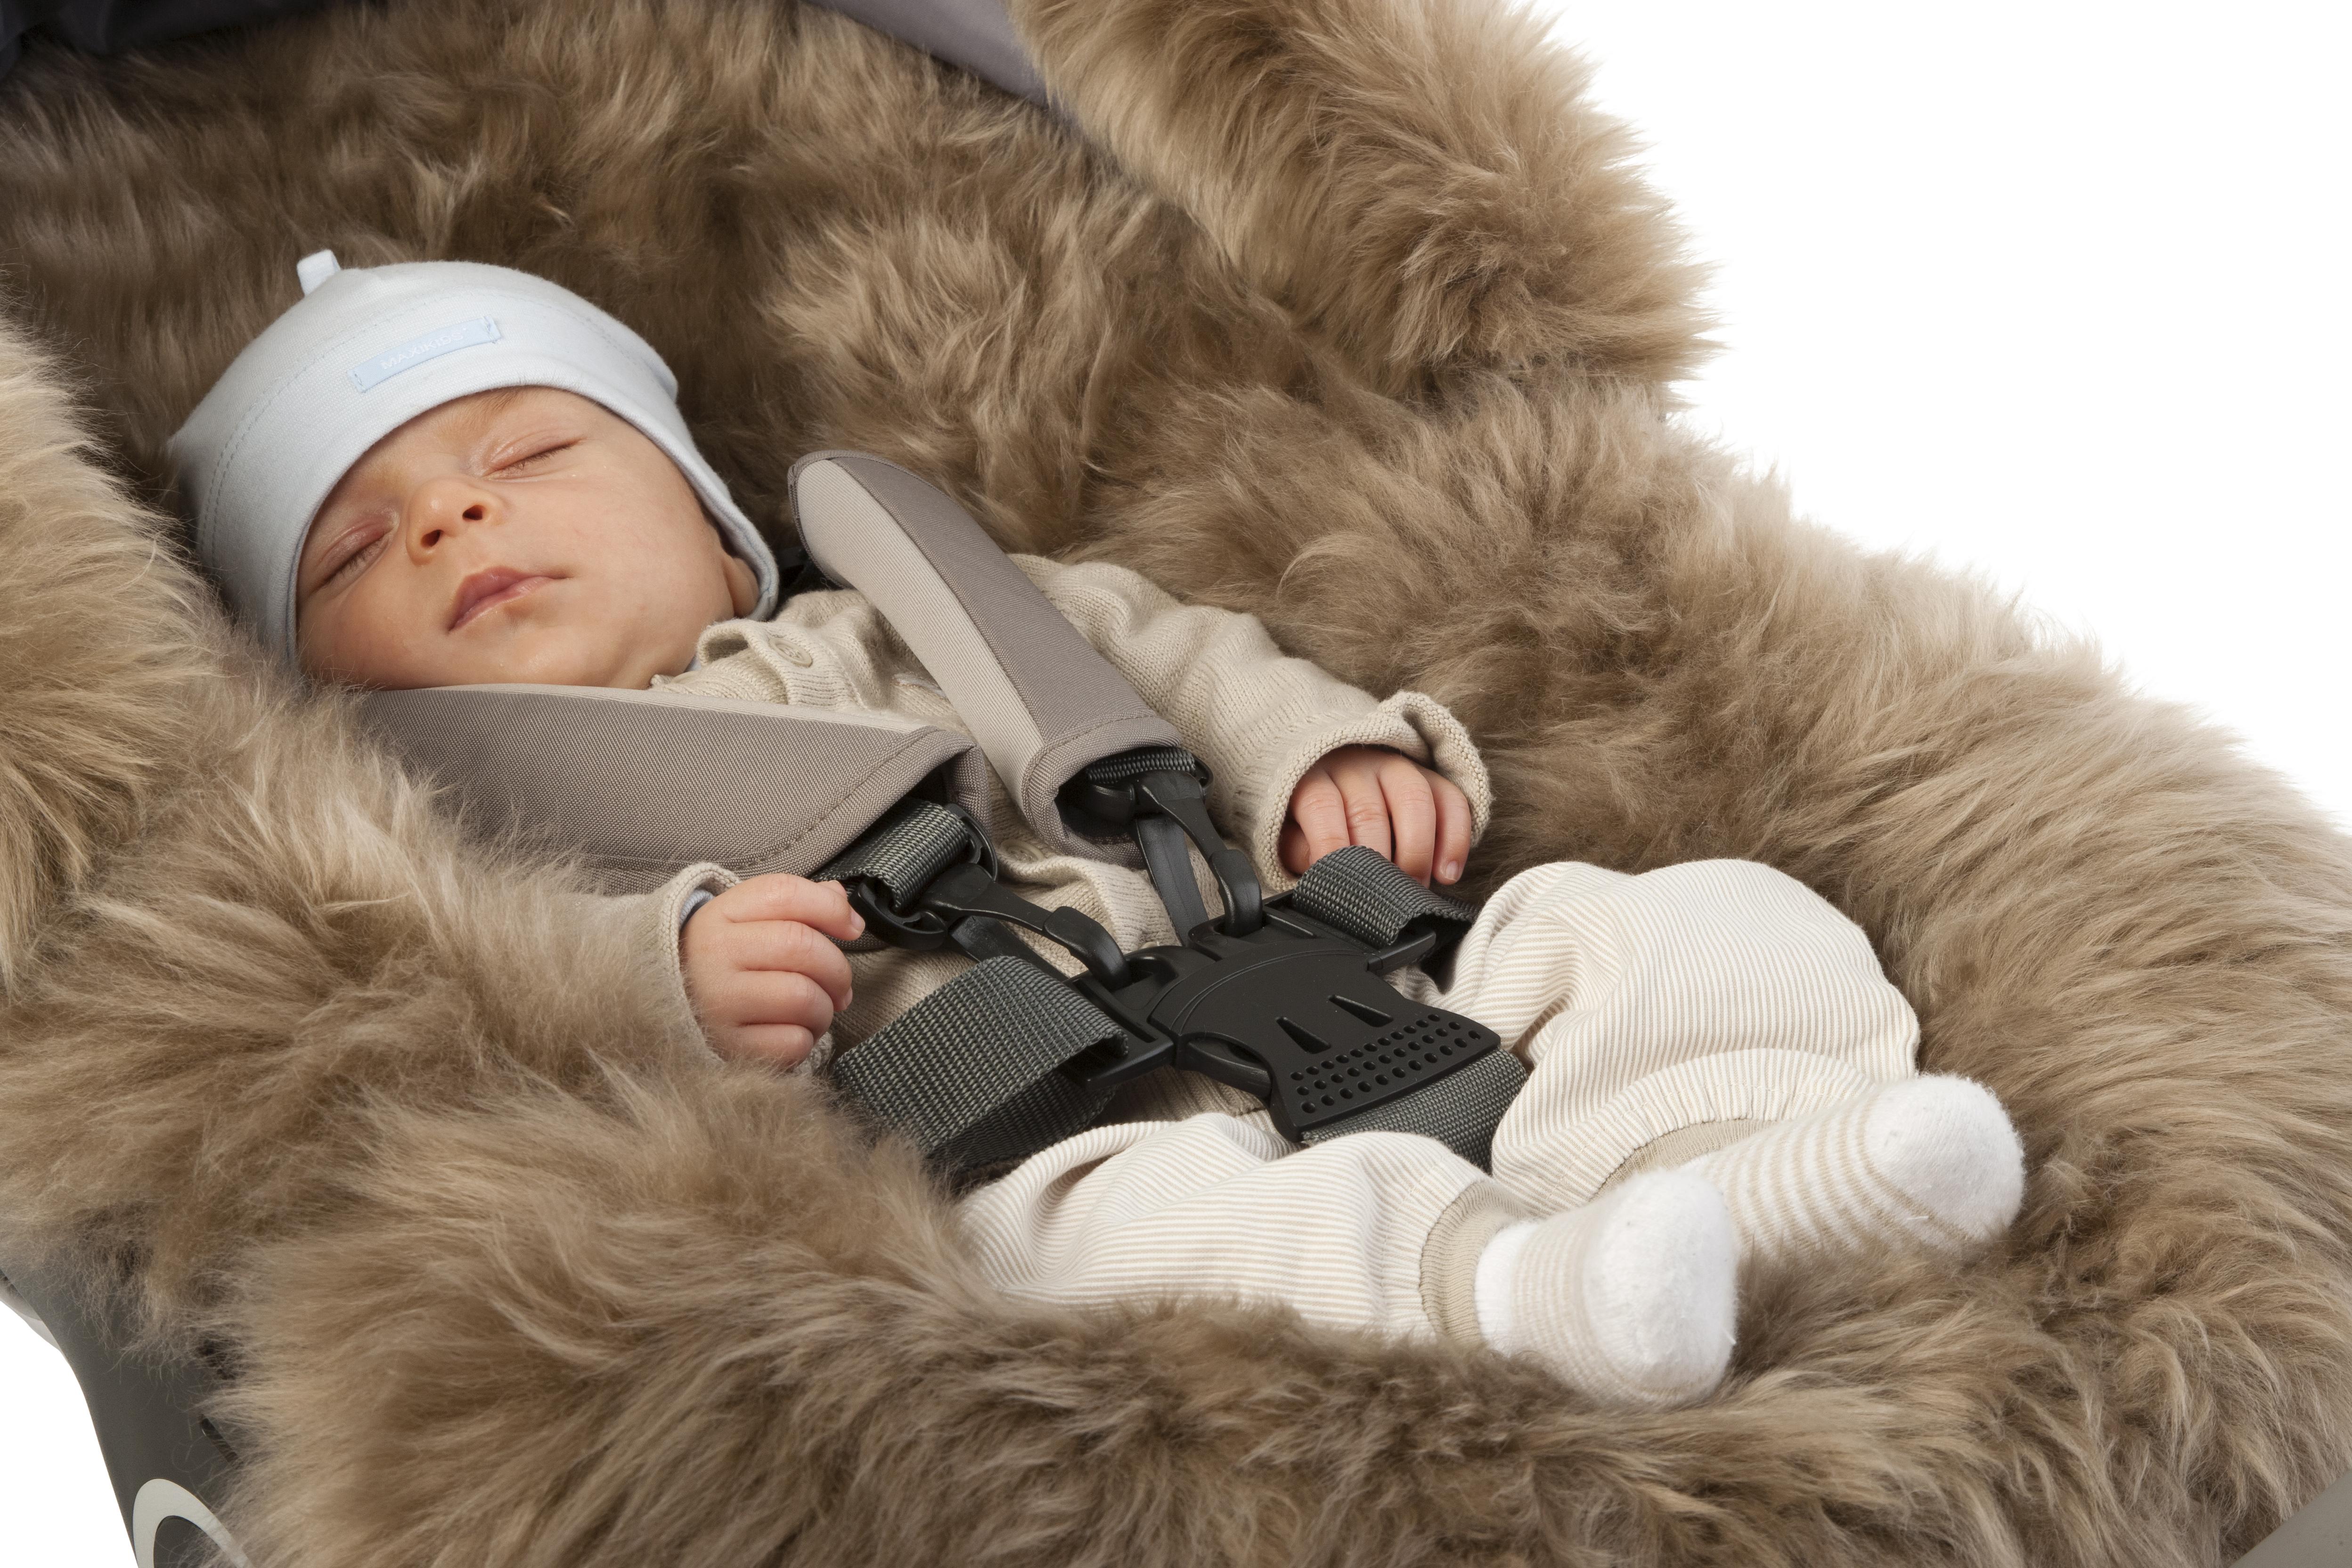 Il kit invernale che protegge dal freddo più pungente i nostri bimbi